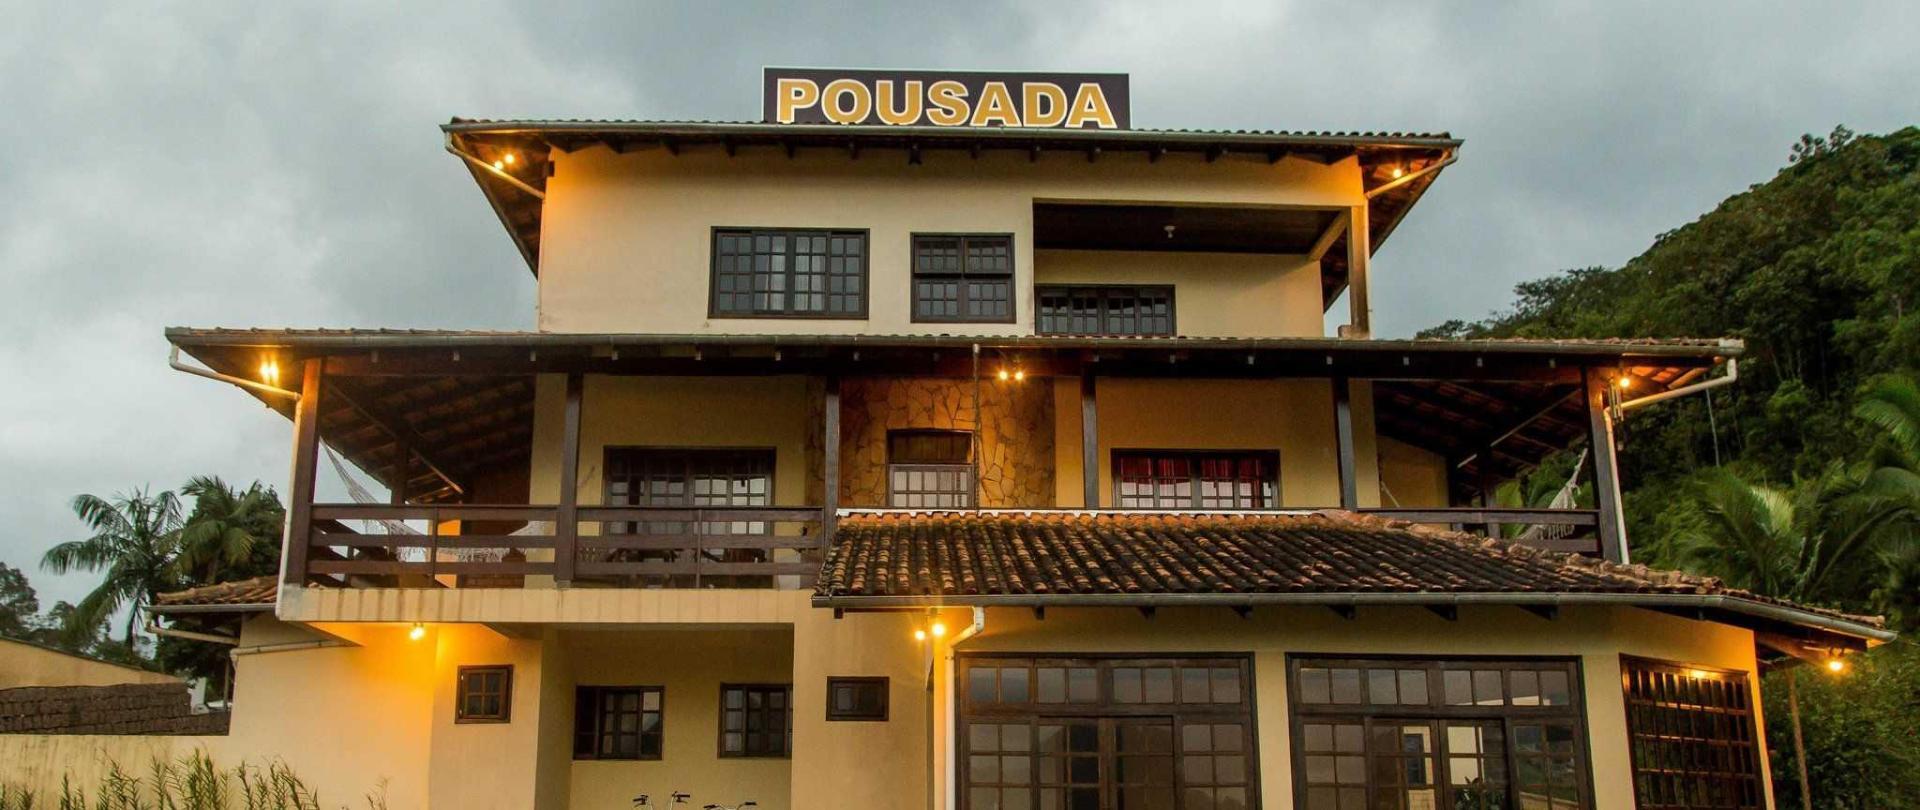 pousada-casar-o-em-jaragu-do-sul-santa-catarina-brasil-estacionamento-com-vista-da-cidade-e-das-montanhas-vista-frontal-dos-quartos-diurna.jpg